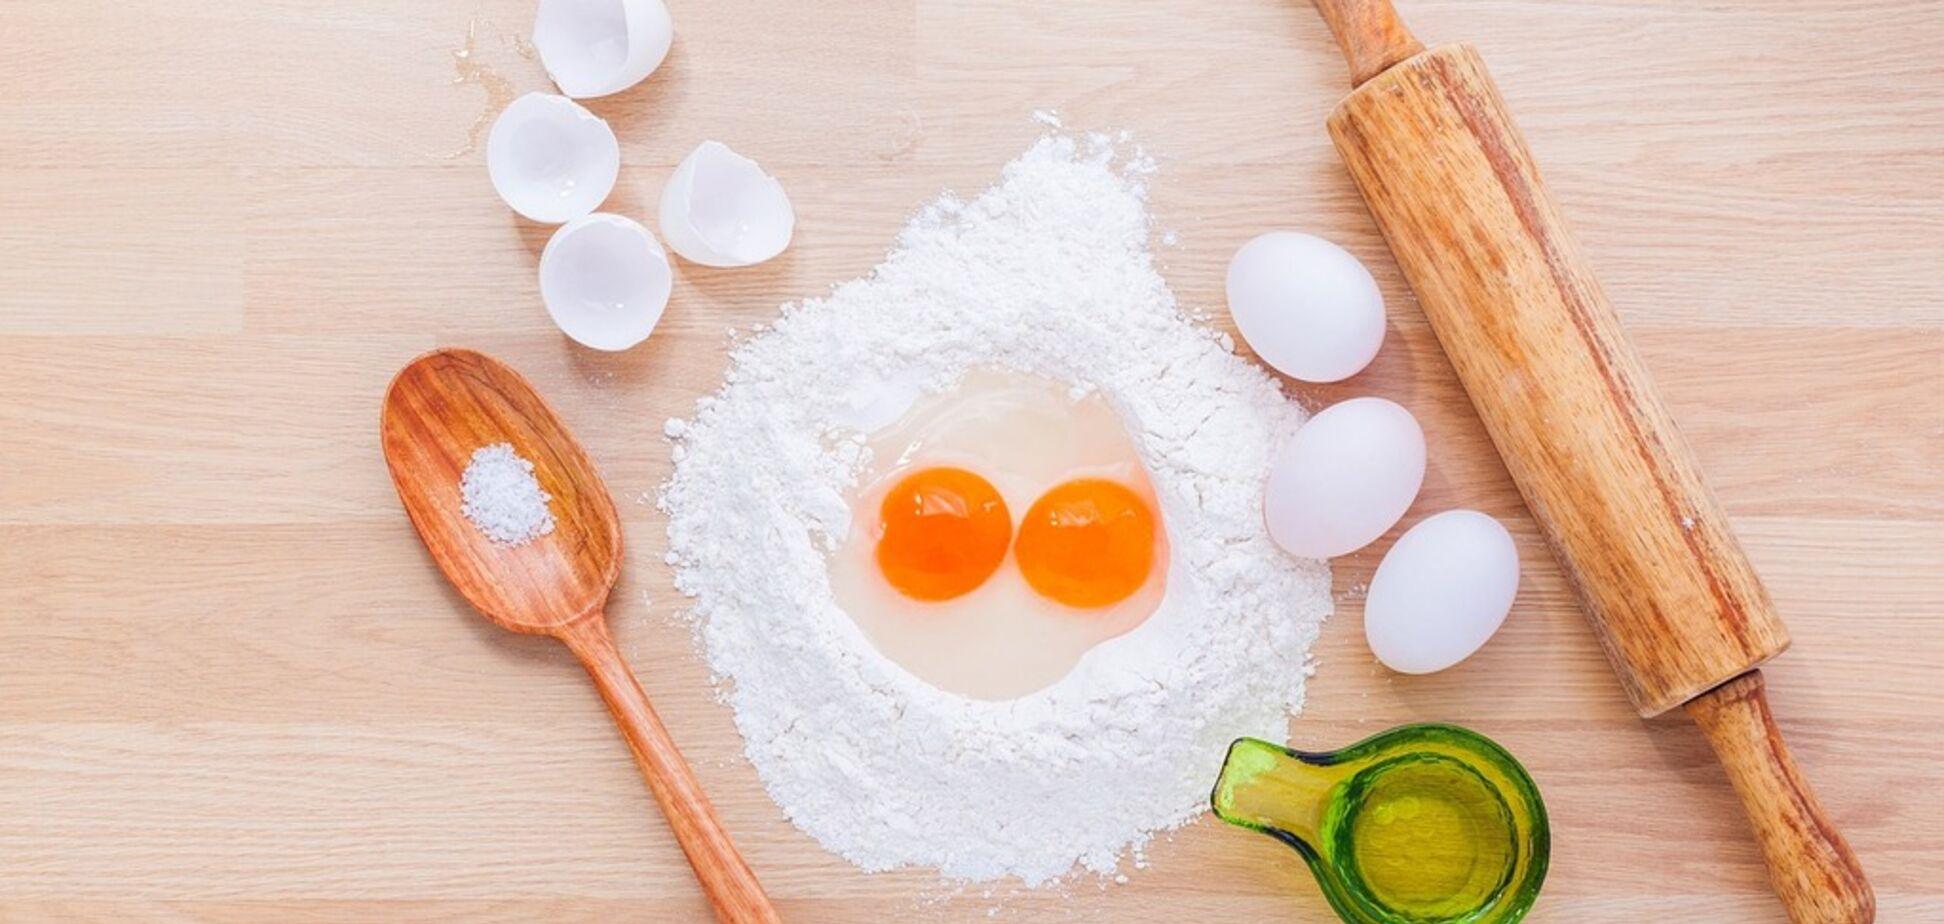 Торт 'Колібрі' за 10 хвилин: простий покроковий рецепт